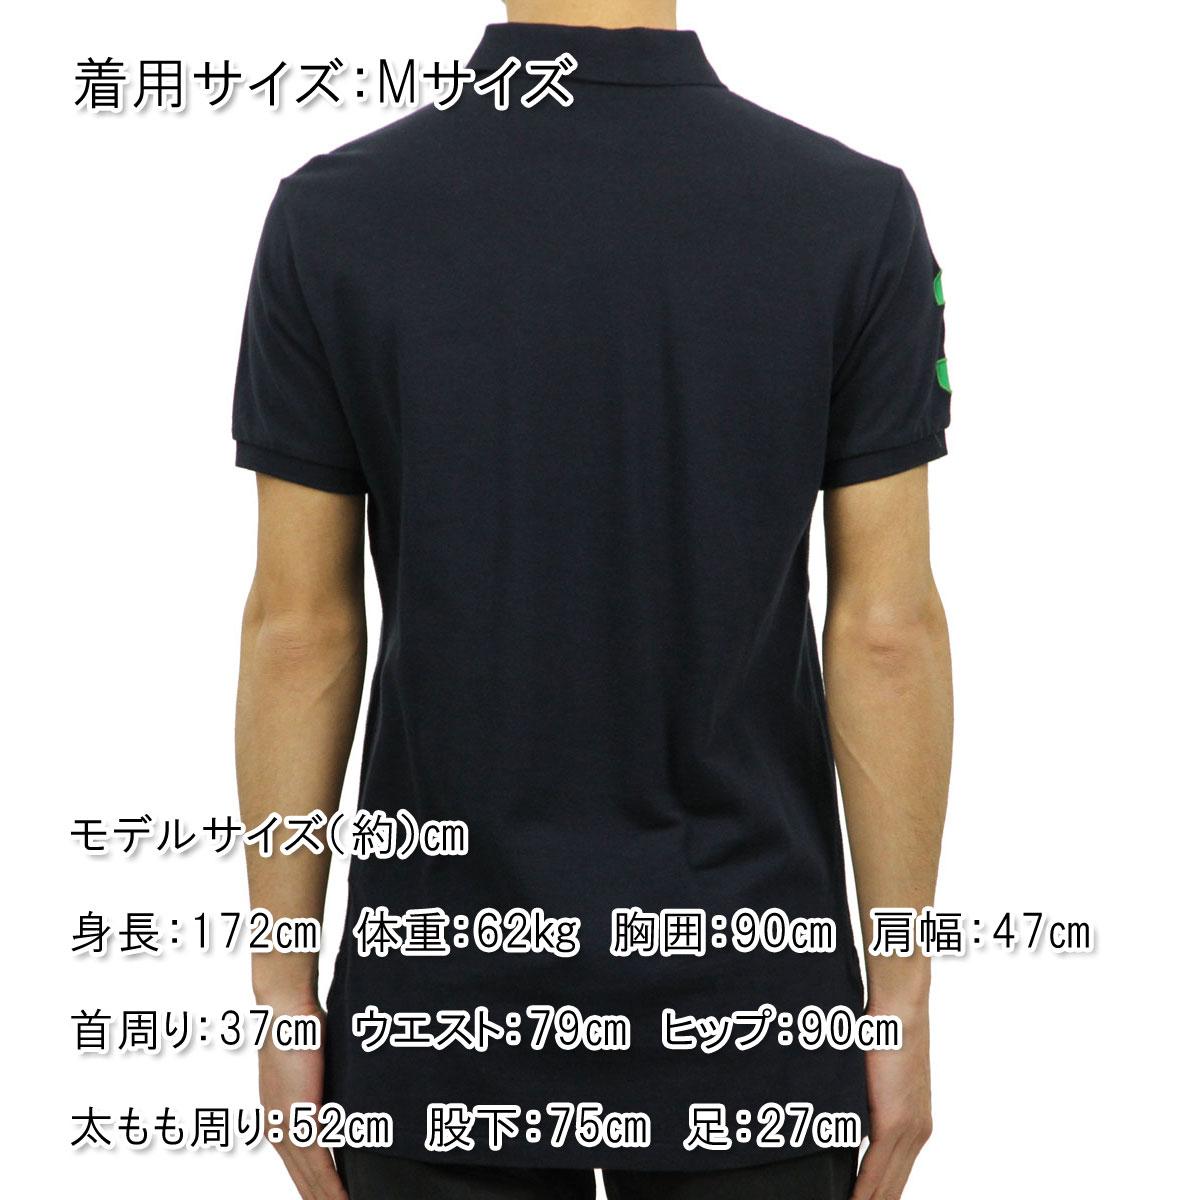 Black Polo Shirt Designs | ANLIS